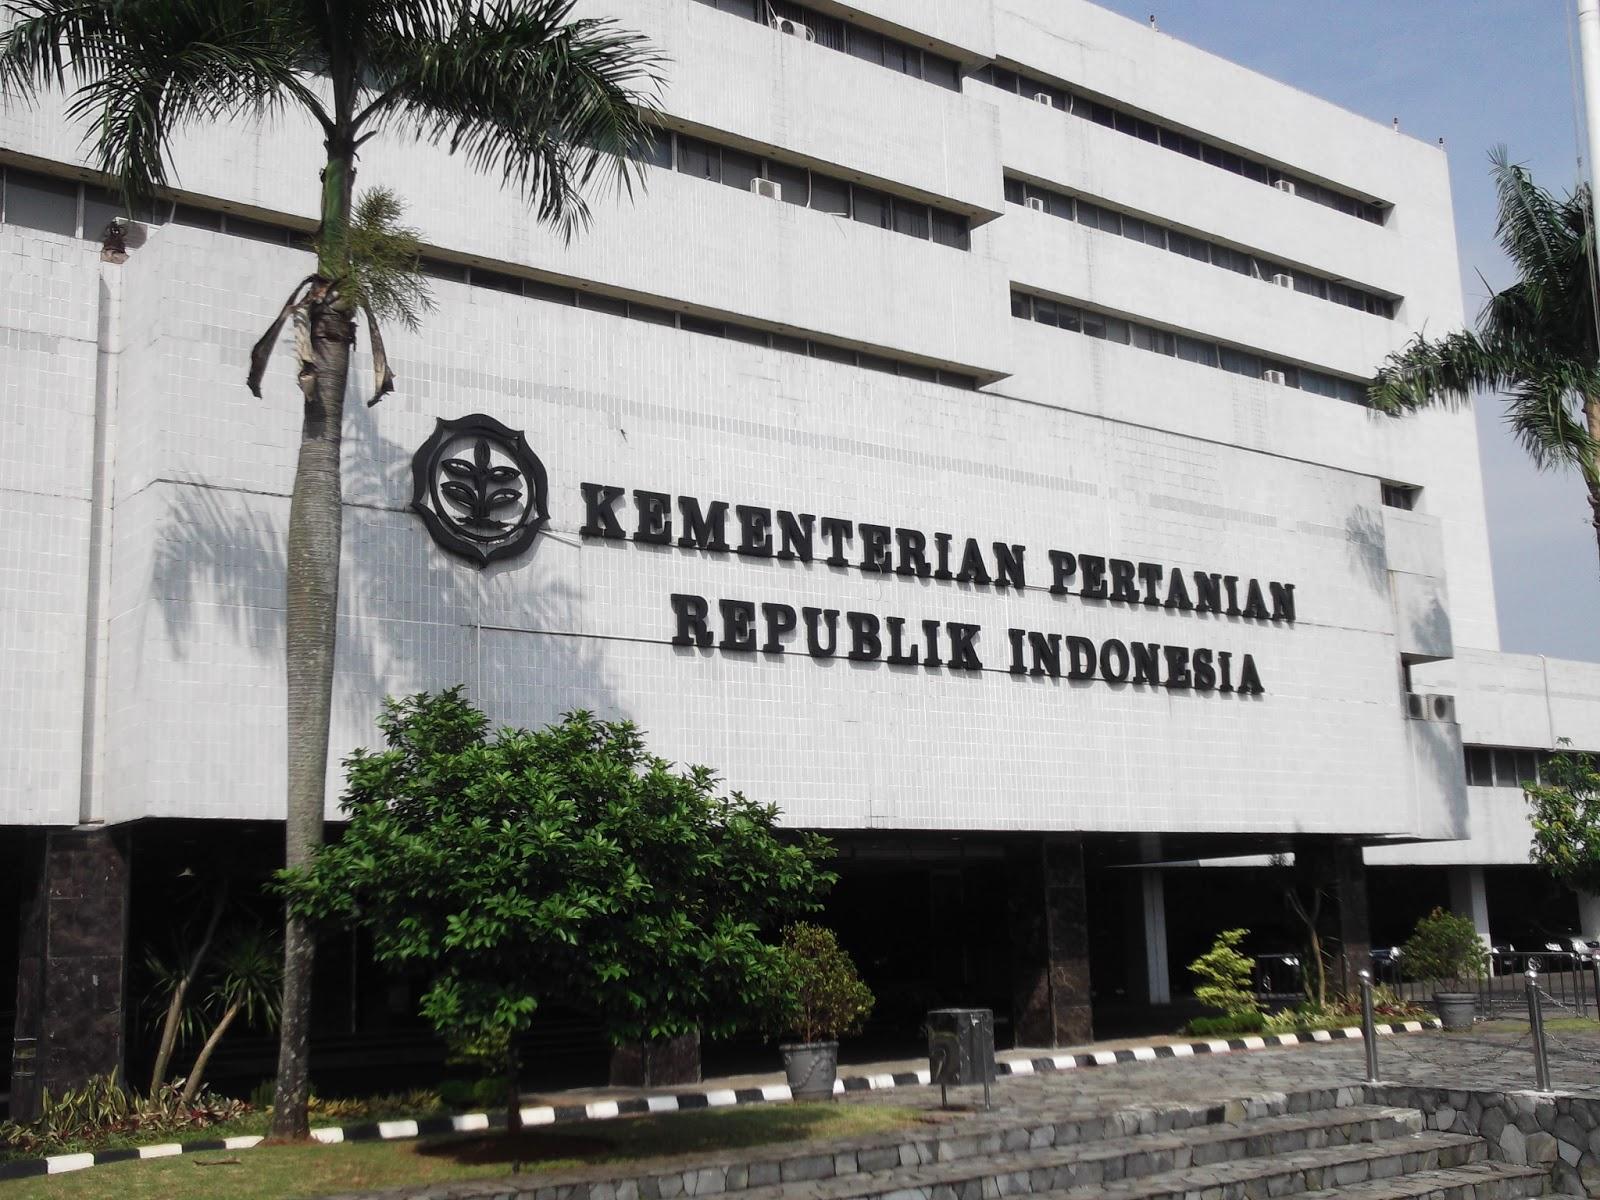 CPNS Kementan 2014: Denda Rp50 Juta bagi yang Mundur Setelah Lulus CPNS